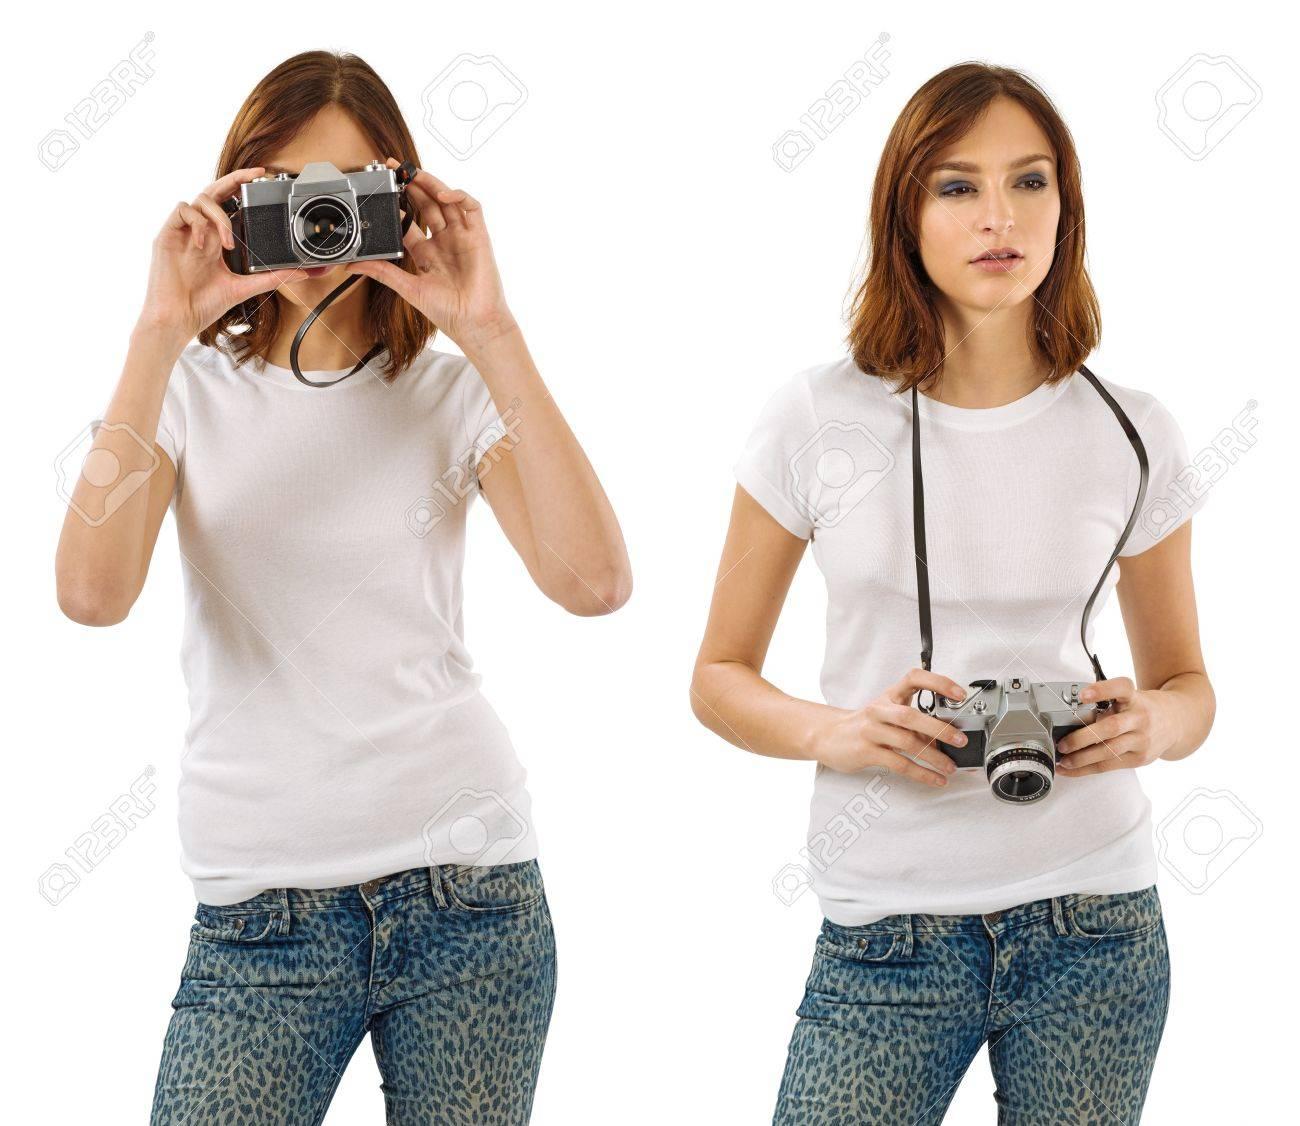 e048e5ab440f9 ... Photo d une belle jeune femme sexy avec chemise blanche vierge tenant  un appareil 1. chemise femme fashion sexy cintree manches longues ...